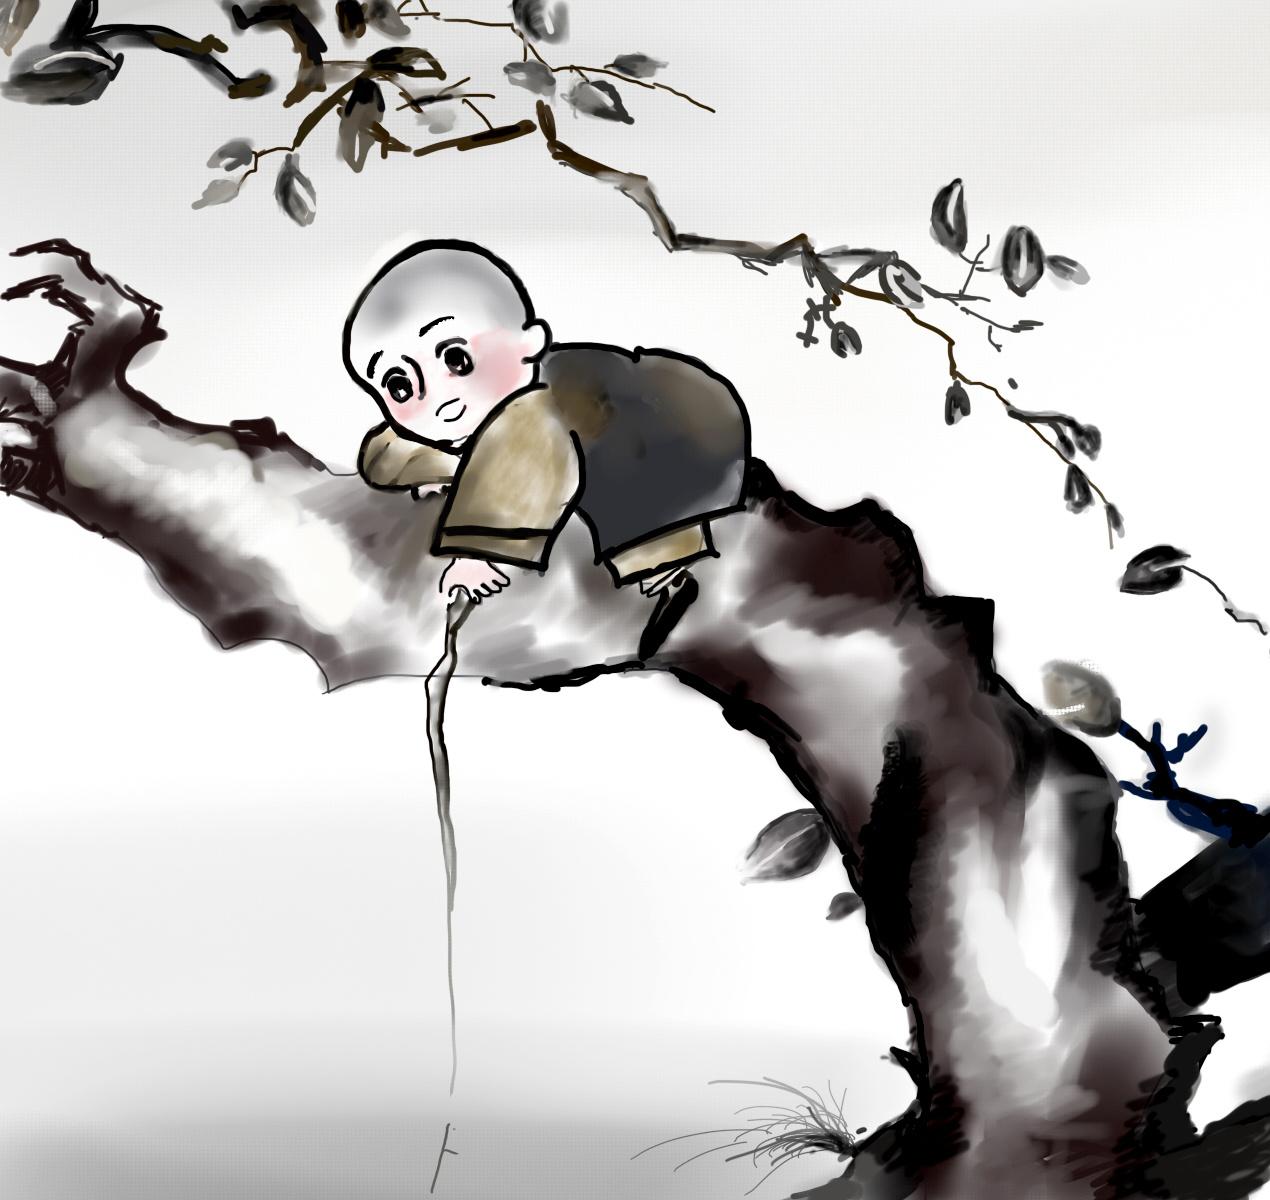 手绘板临摹一禅小和尚|插画|涂鸦\/潮流|violetta0